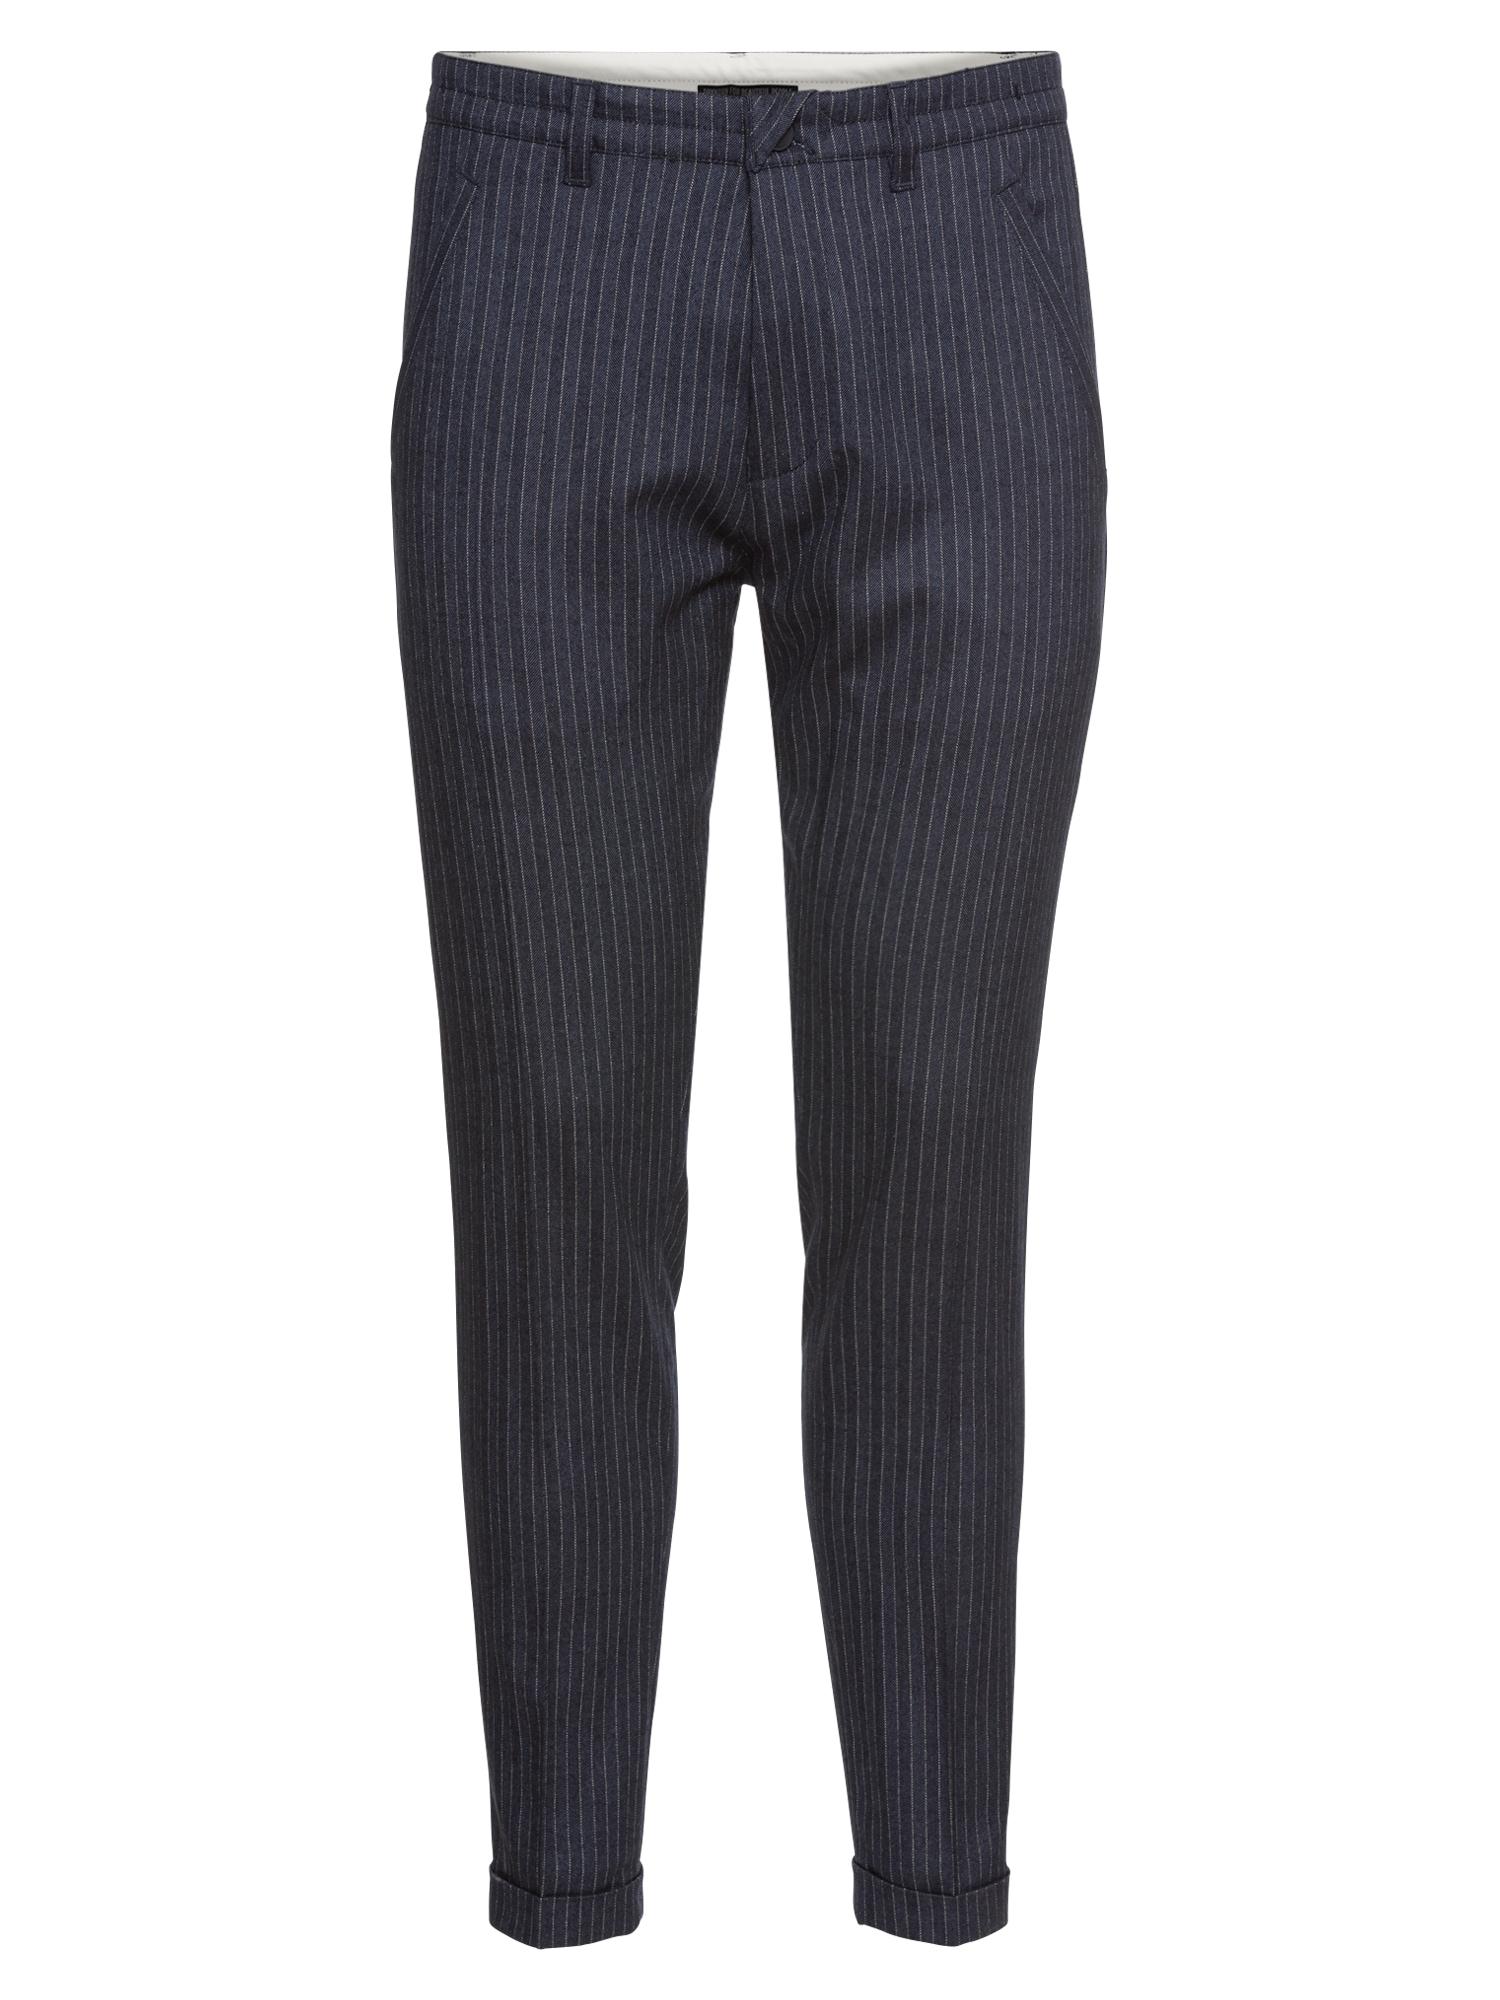 Chino kalhoty BREW tmavě modrá DRYKORN